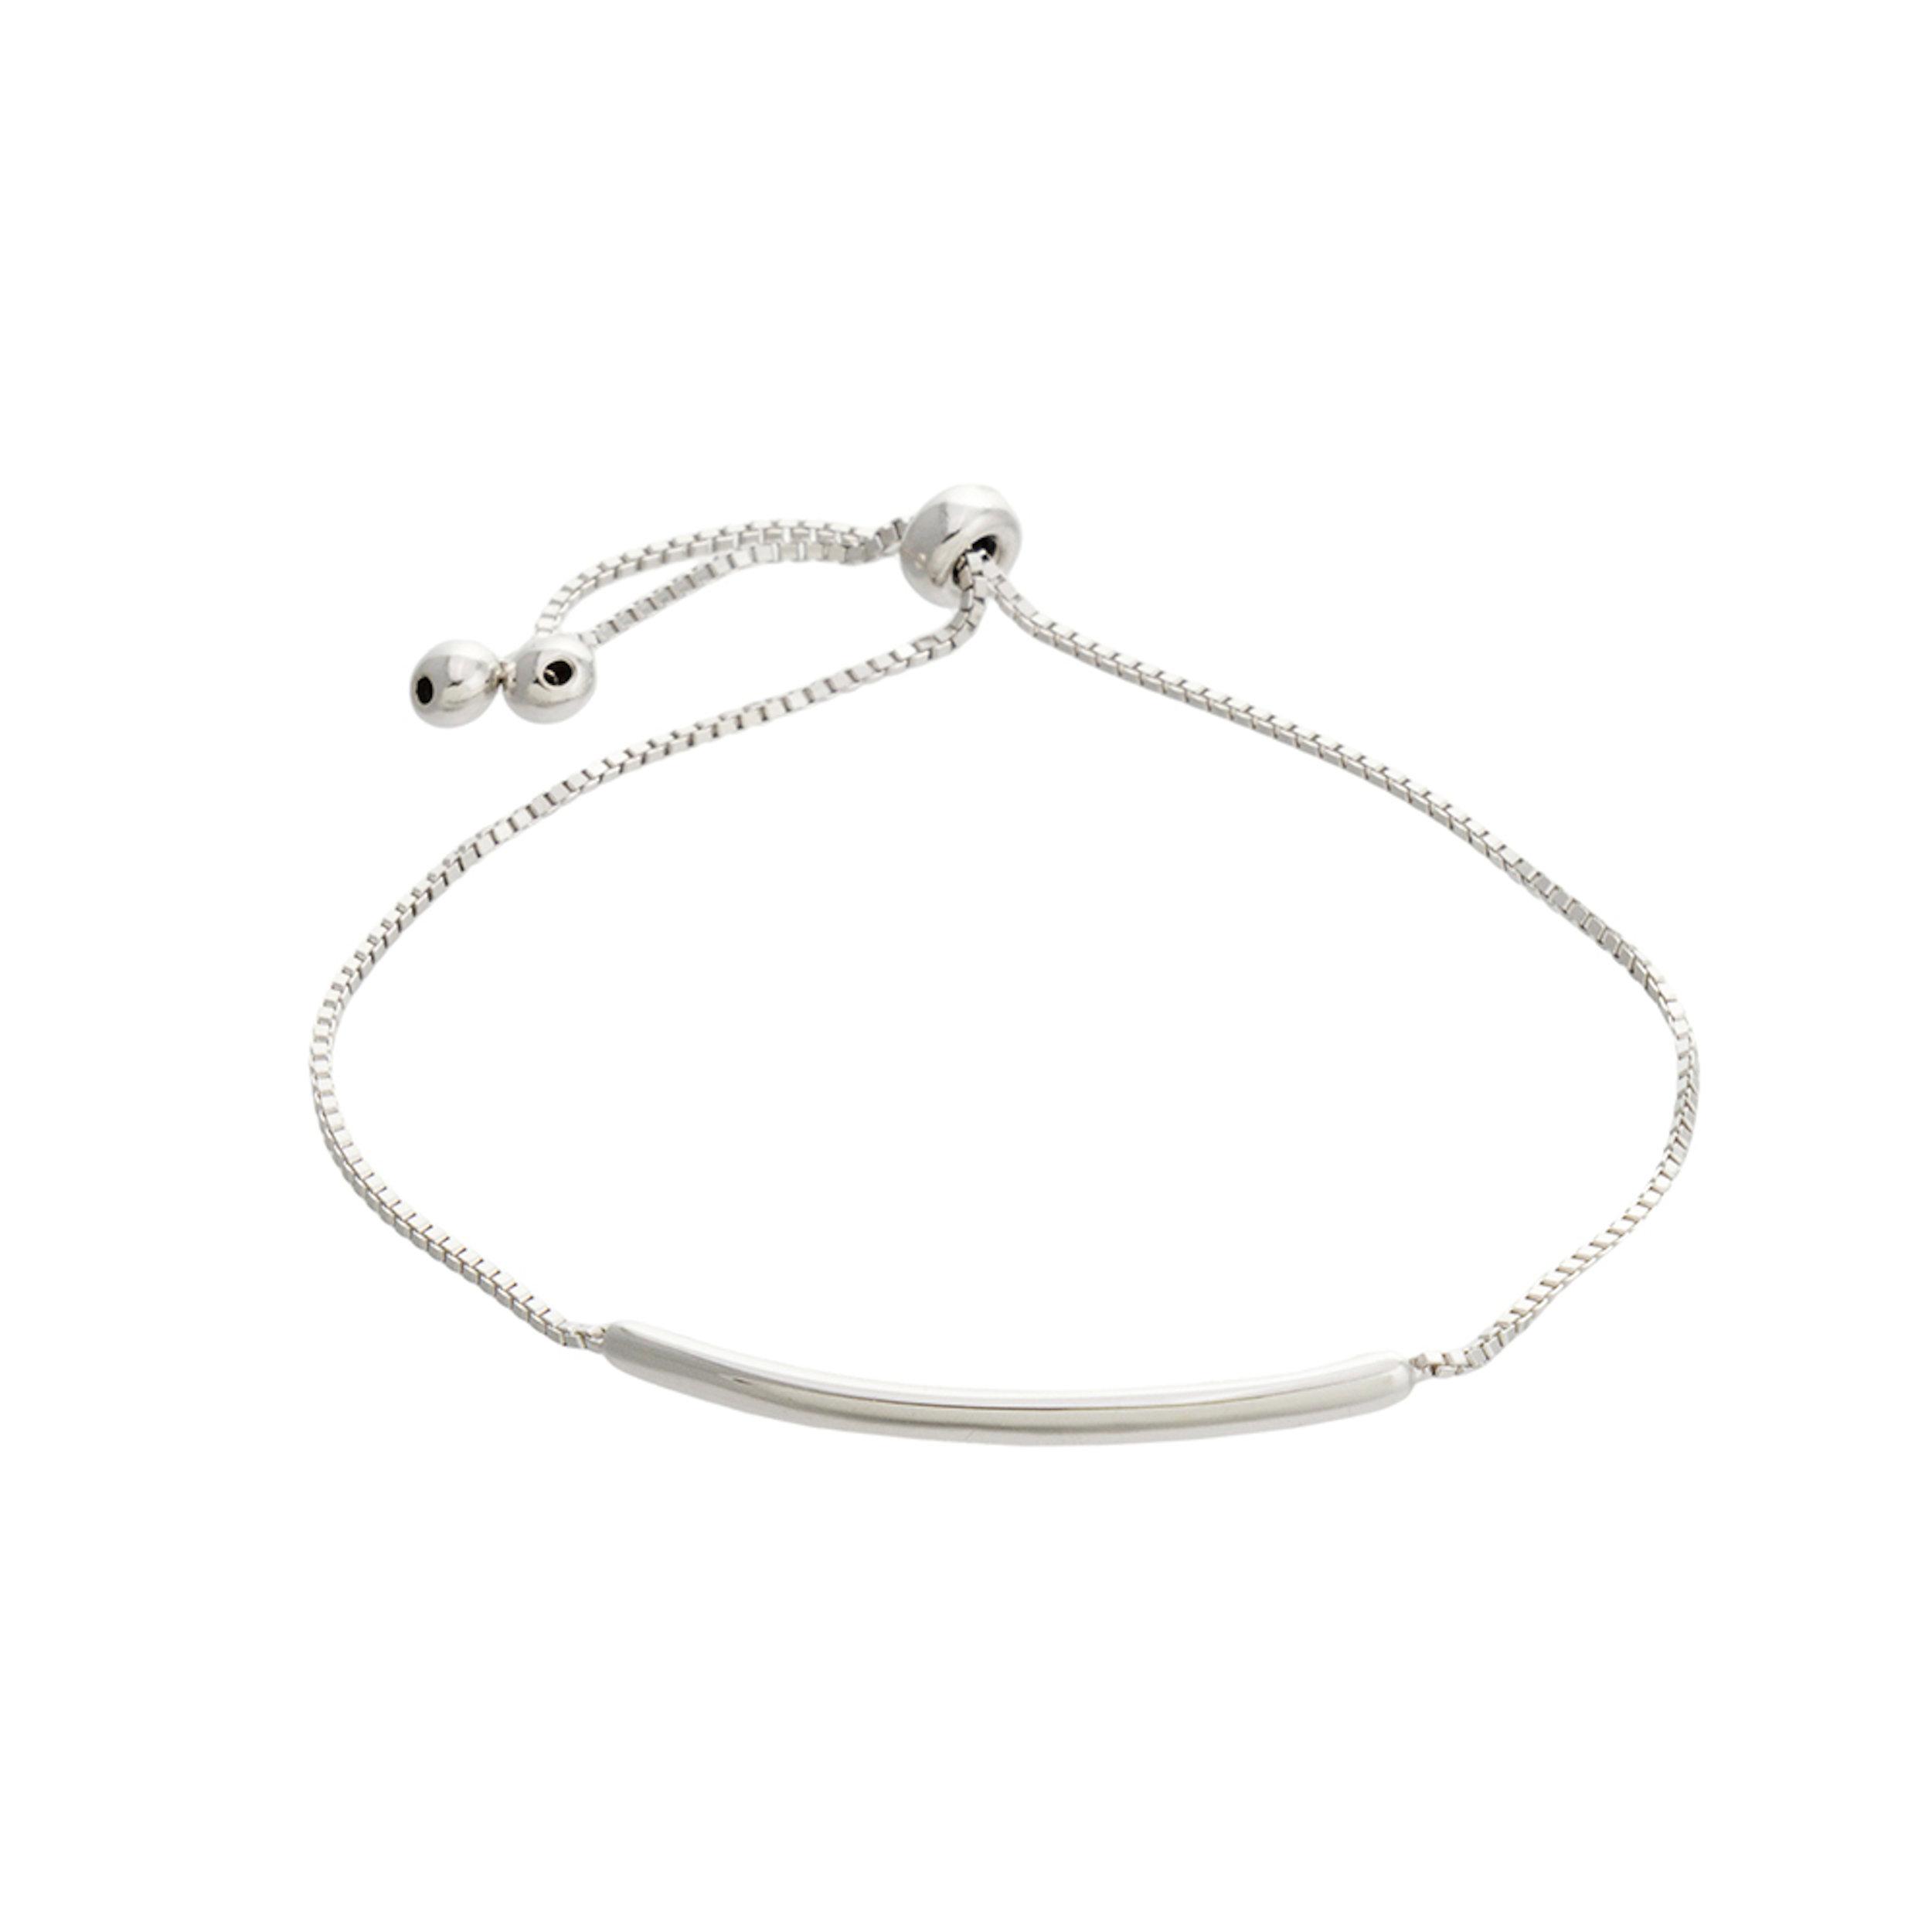 Skinny adjustable bar bracelet